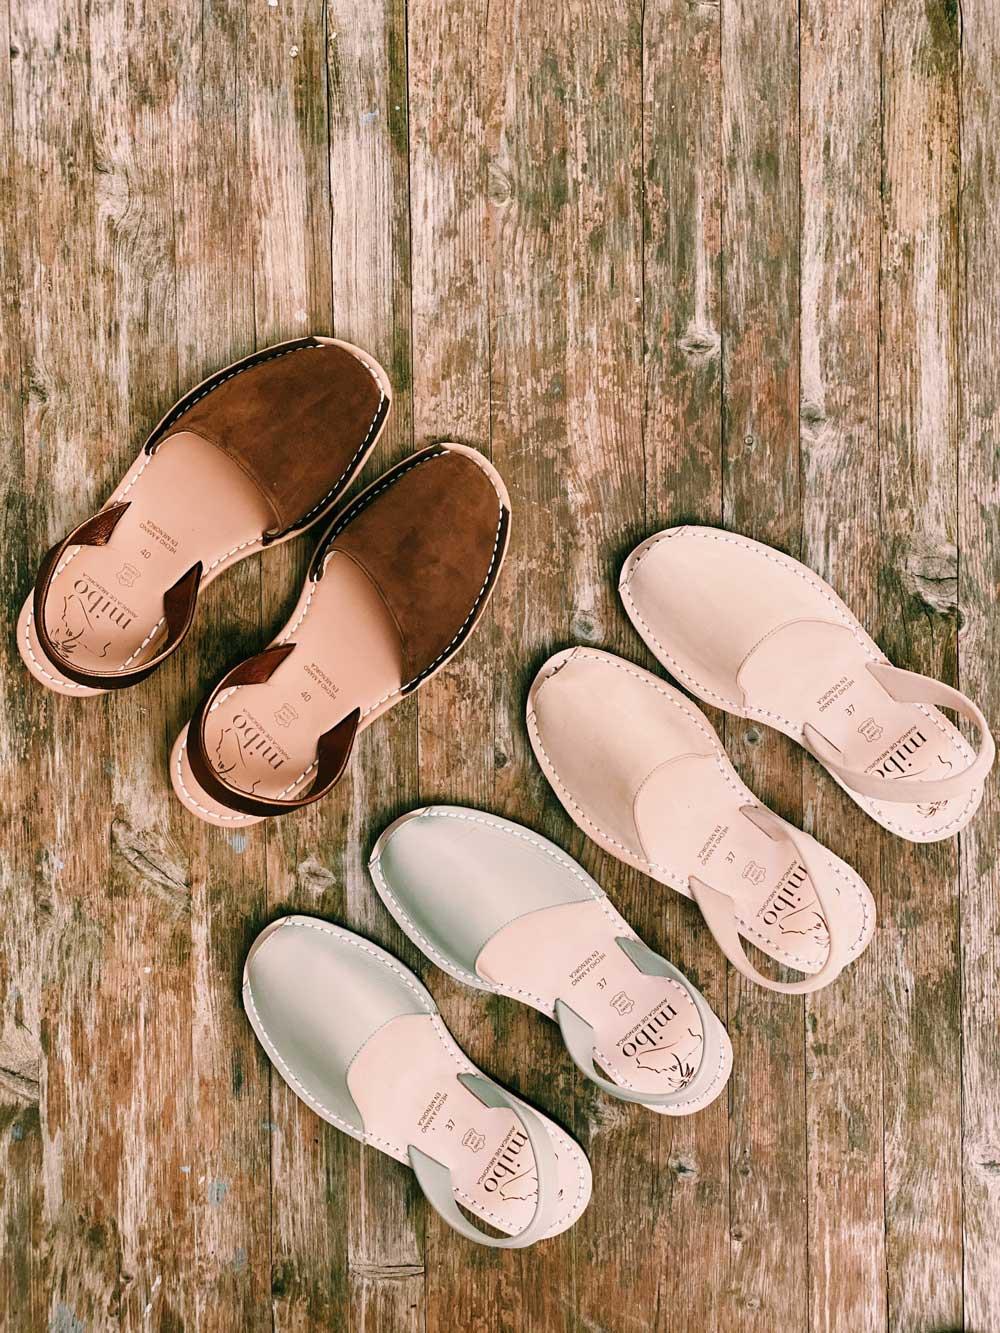 Las menorquinas son el calzado del verano